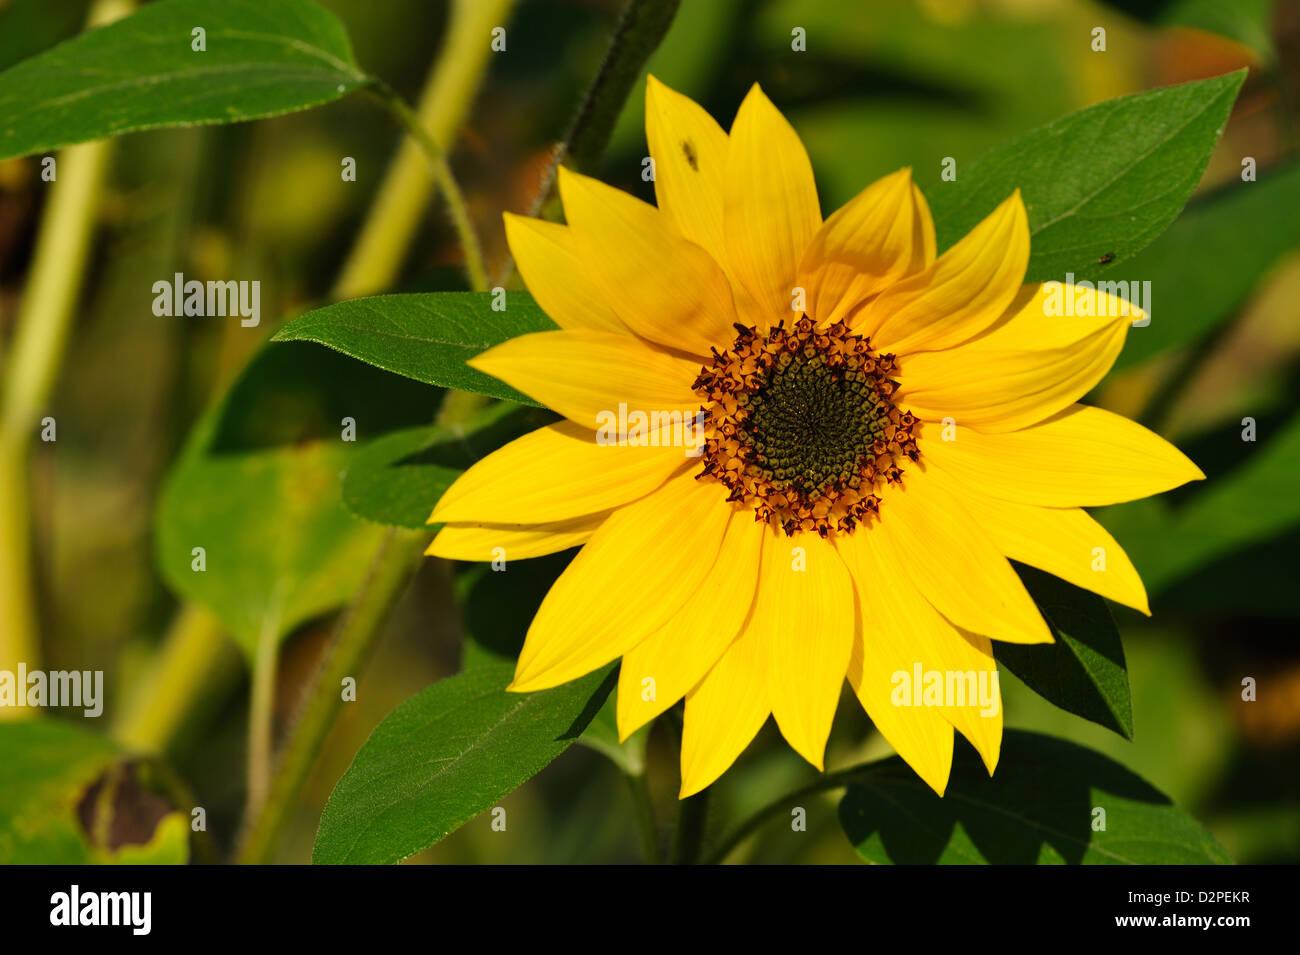 Sonnenblume (Helianthus annuus) Sunflower • Landkreis Schwaebisch Hall, Baden-Wuerttemberg, Deutschland - Stock Image